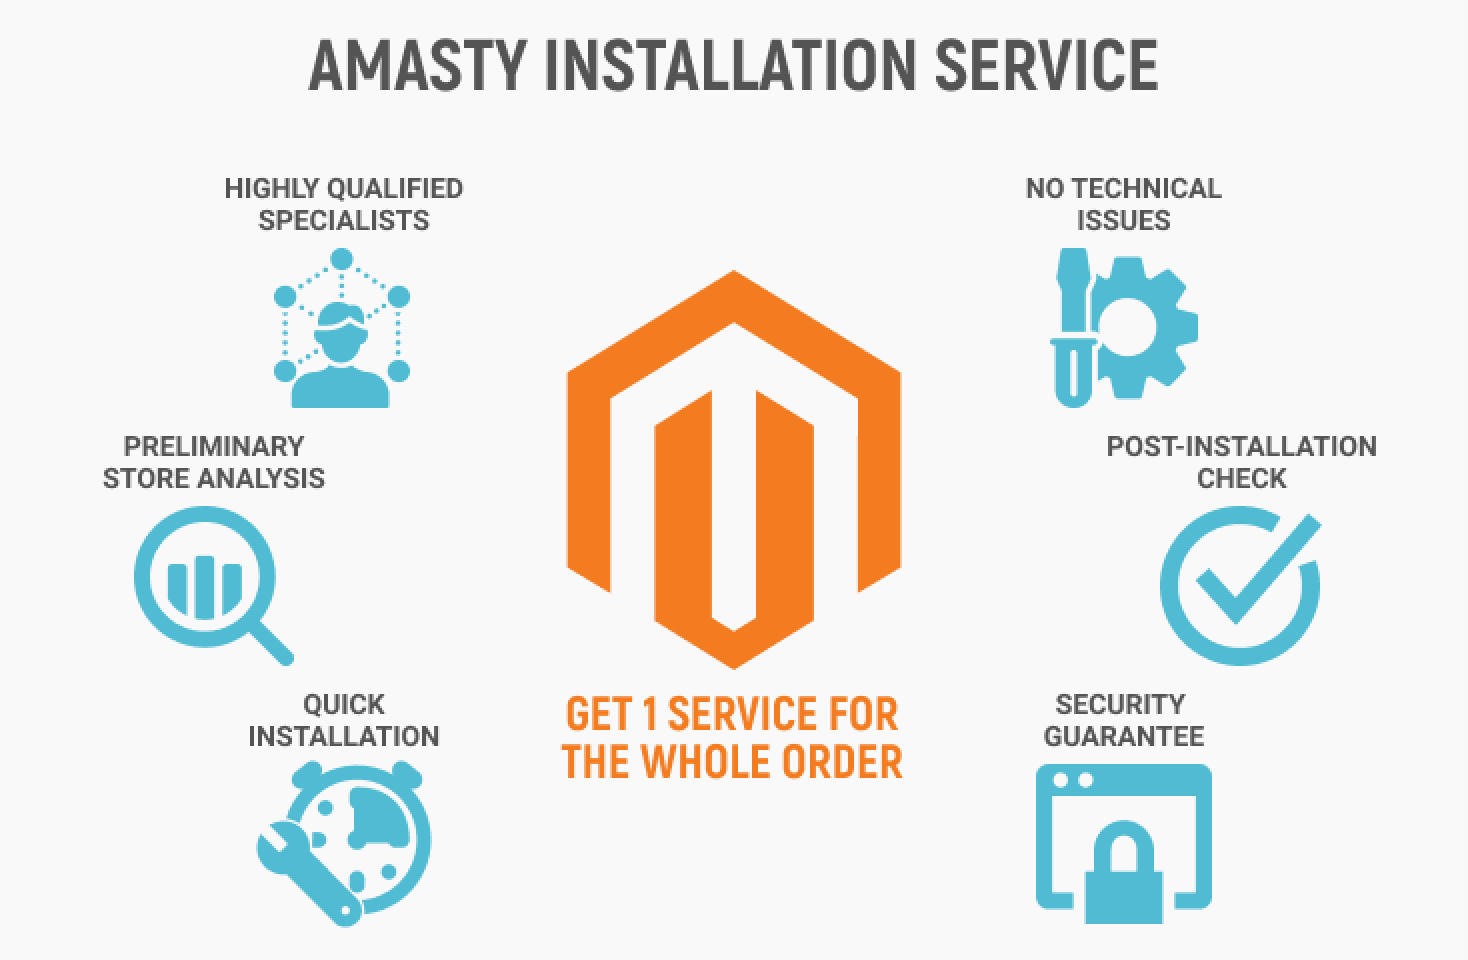 installation-service-benefits_1_1